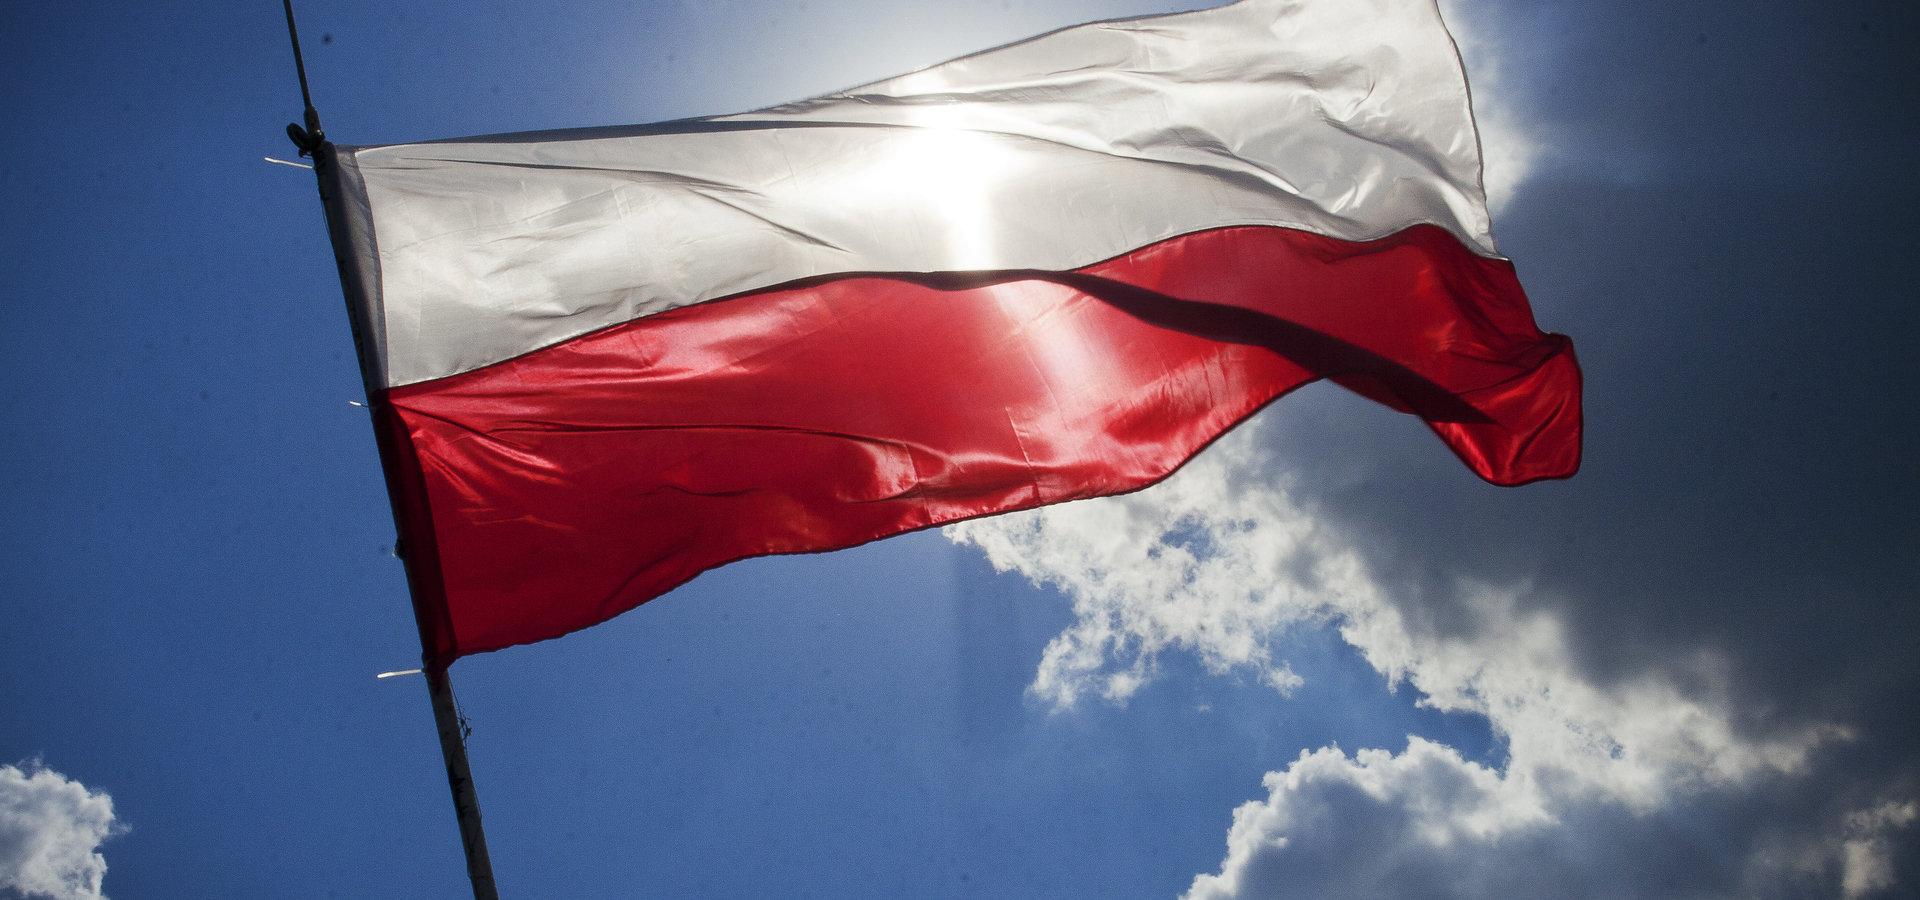 Polskie tanie leki świetnie sprzedają się za granicą